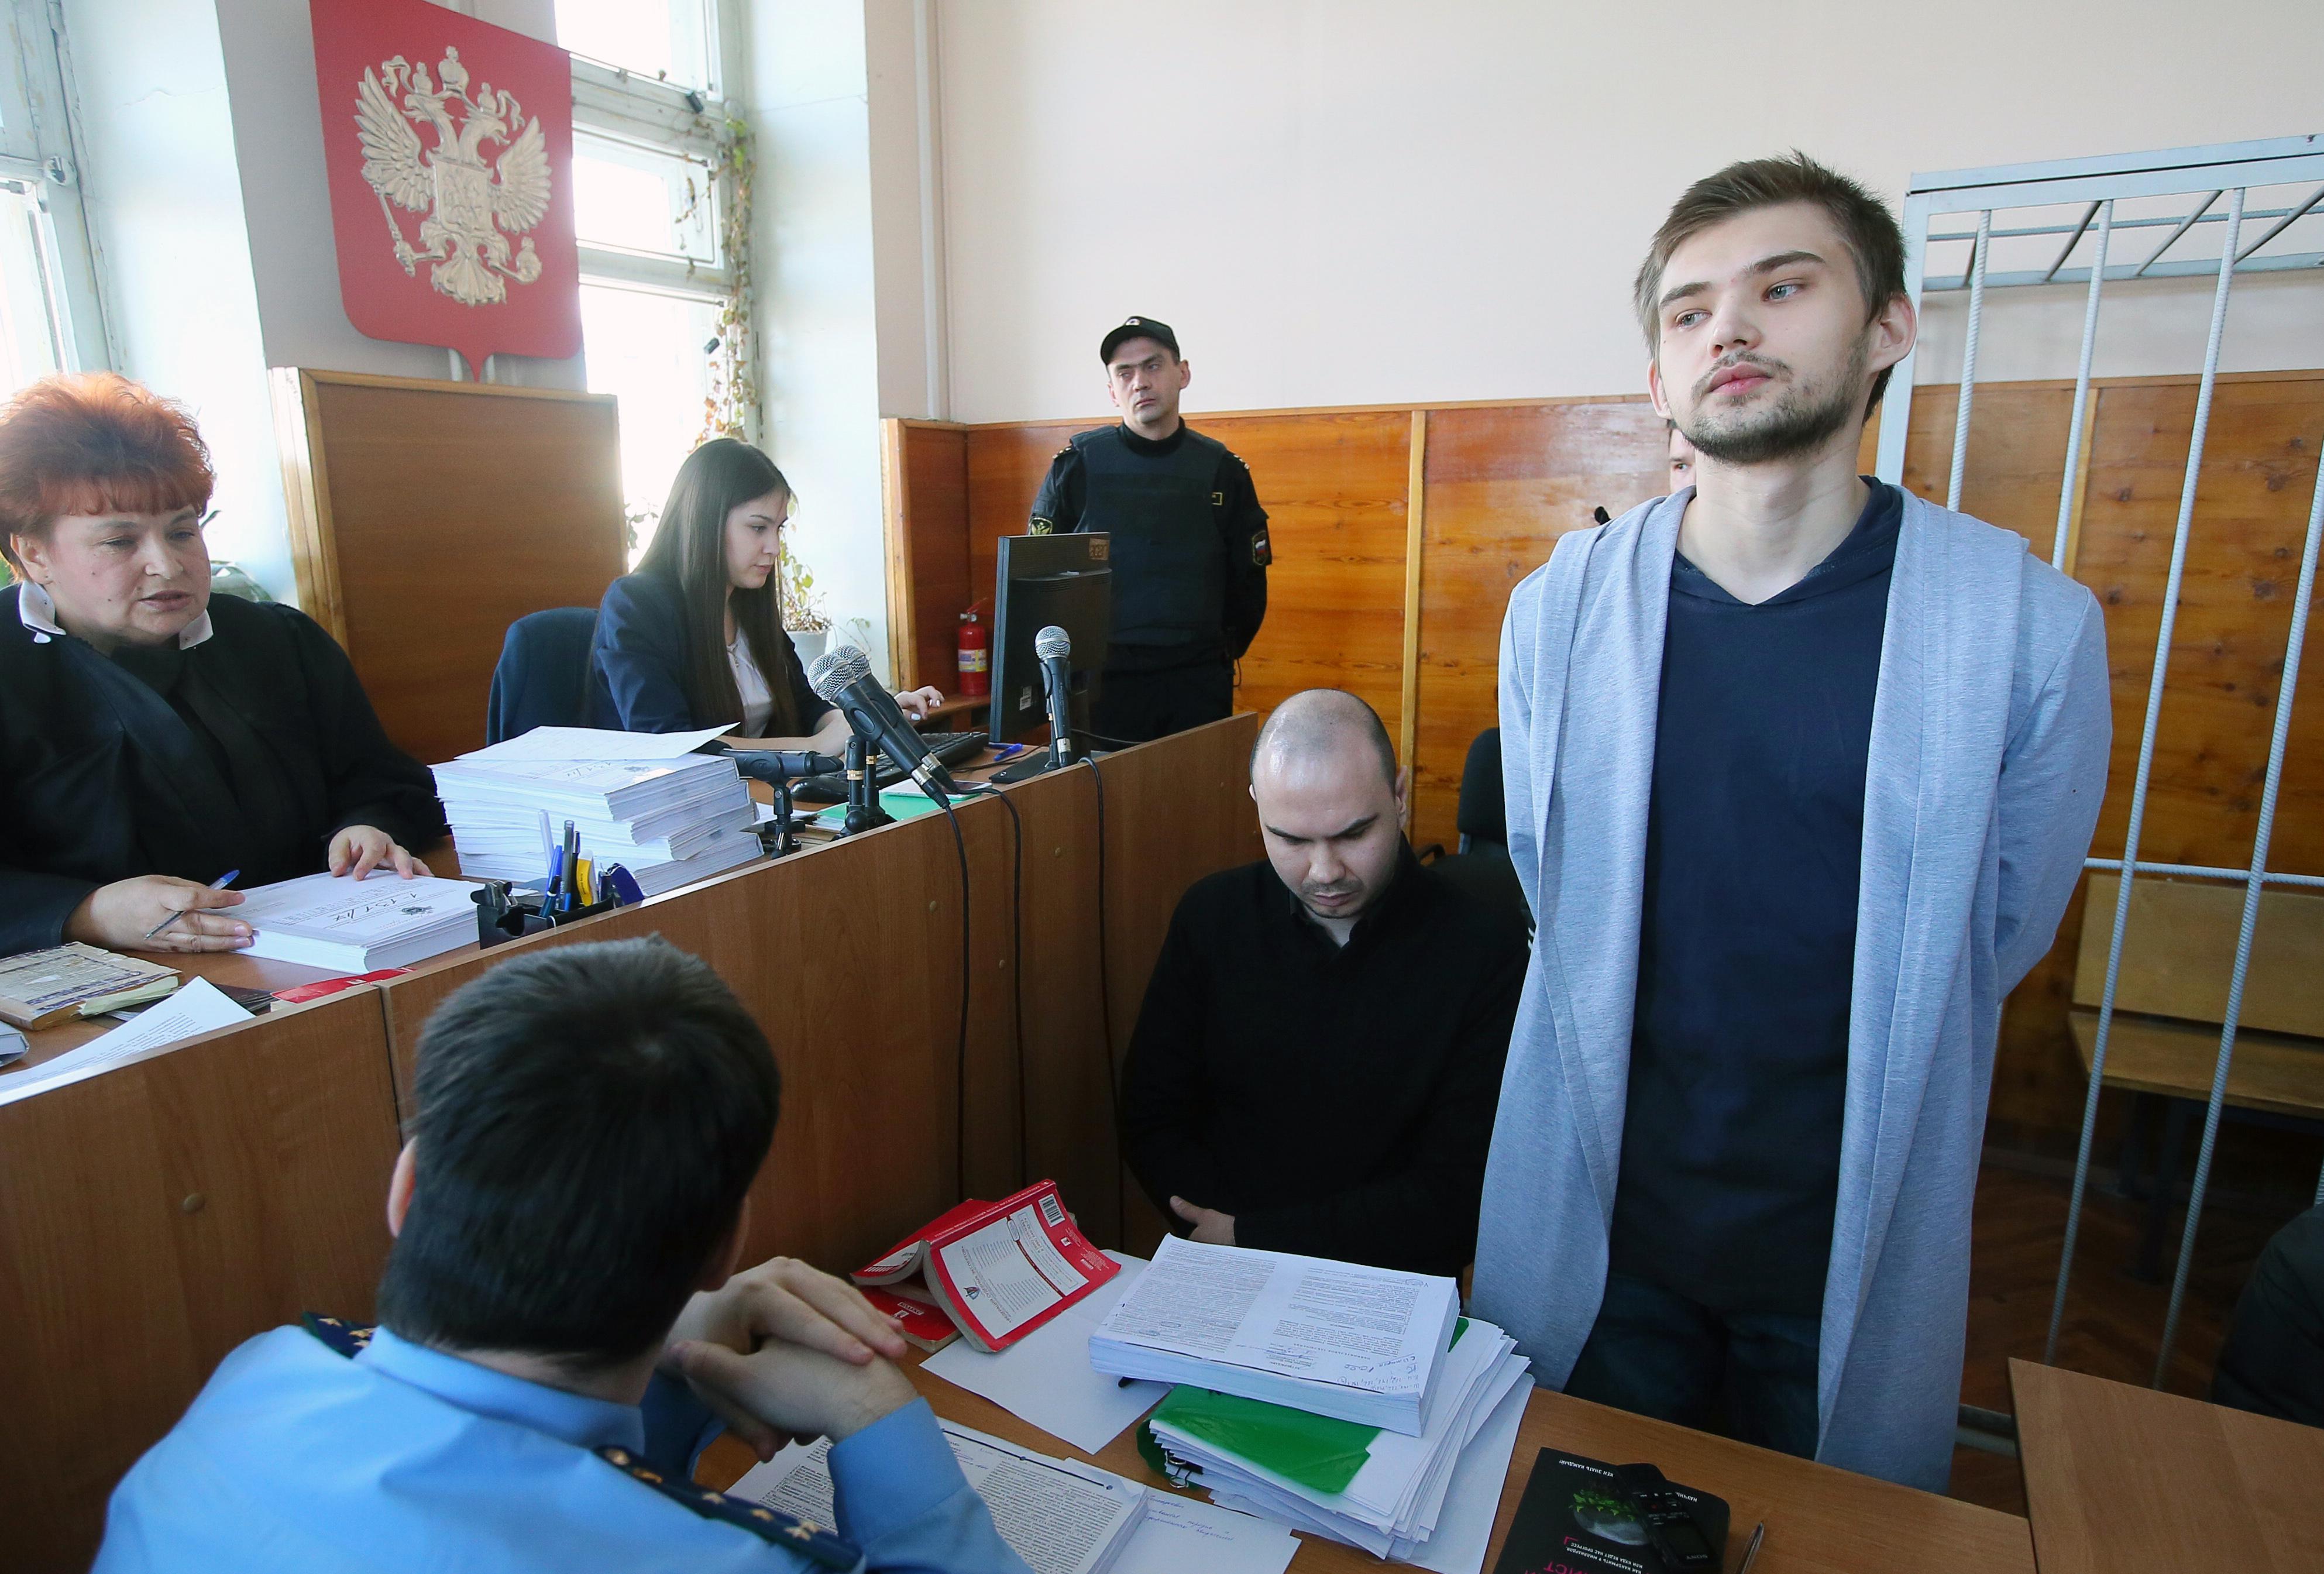 Orosz templomban Pokémon Go-zott, három és fél év börtönt kaphat érte